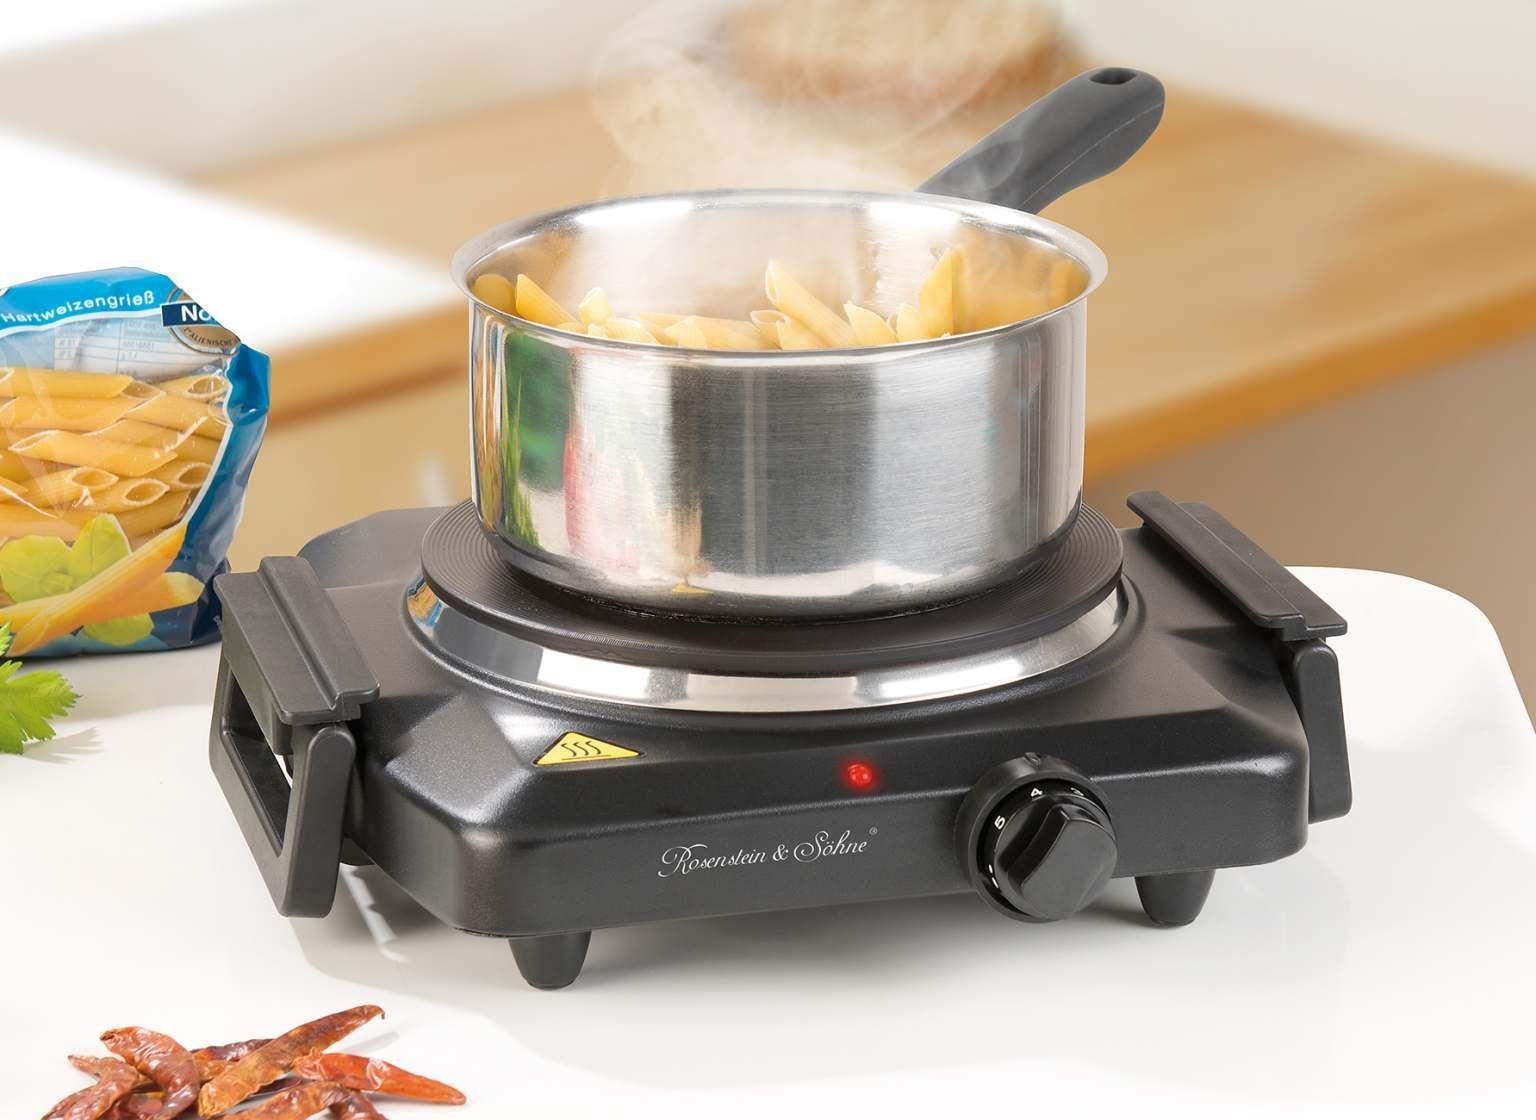 Rosenstein Sohne Kochplatte Kochstelle Heizleistung Thermostat